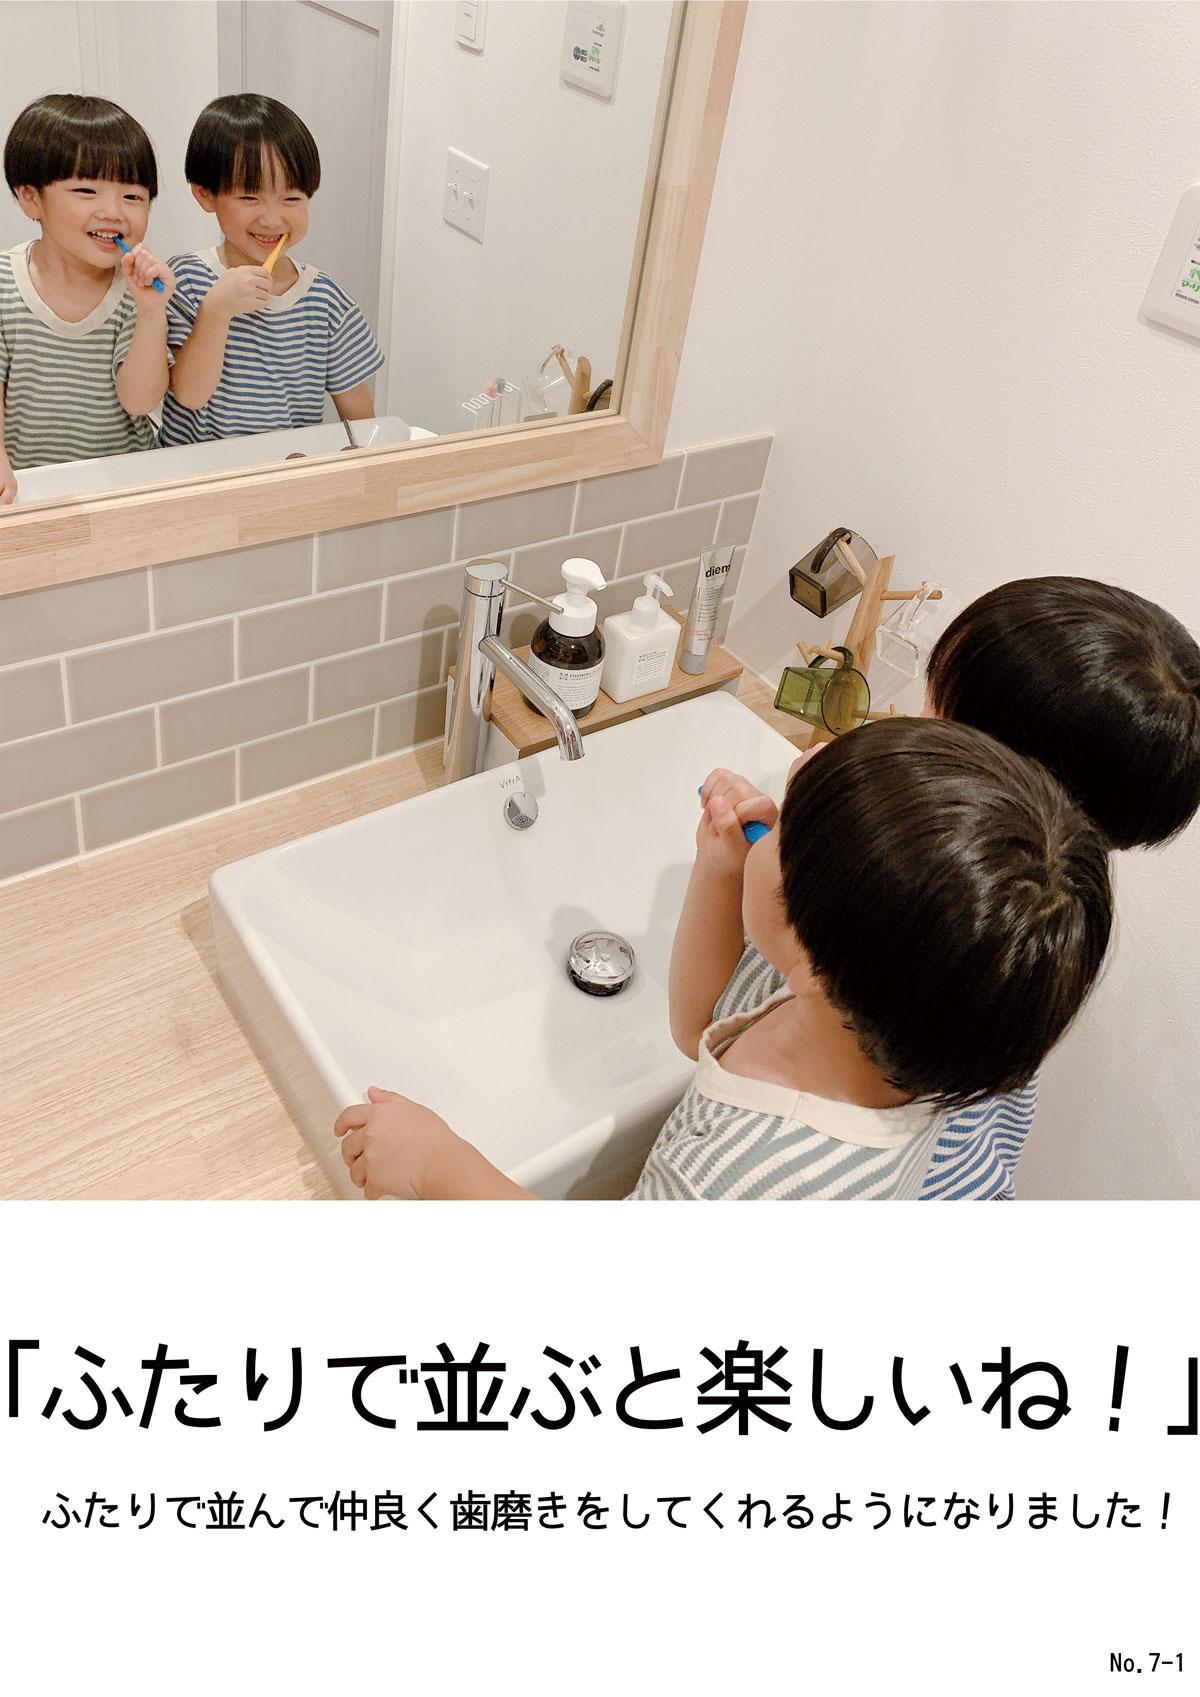 フォトコンテスト銀賞